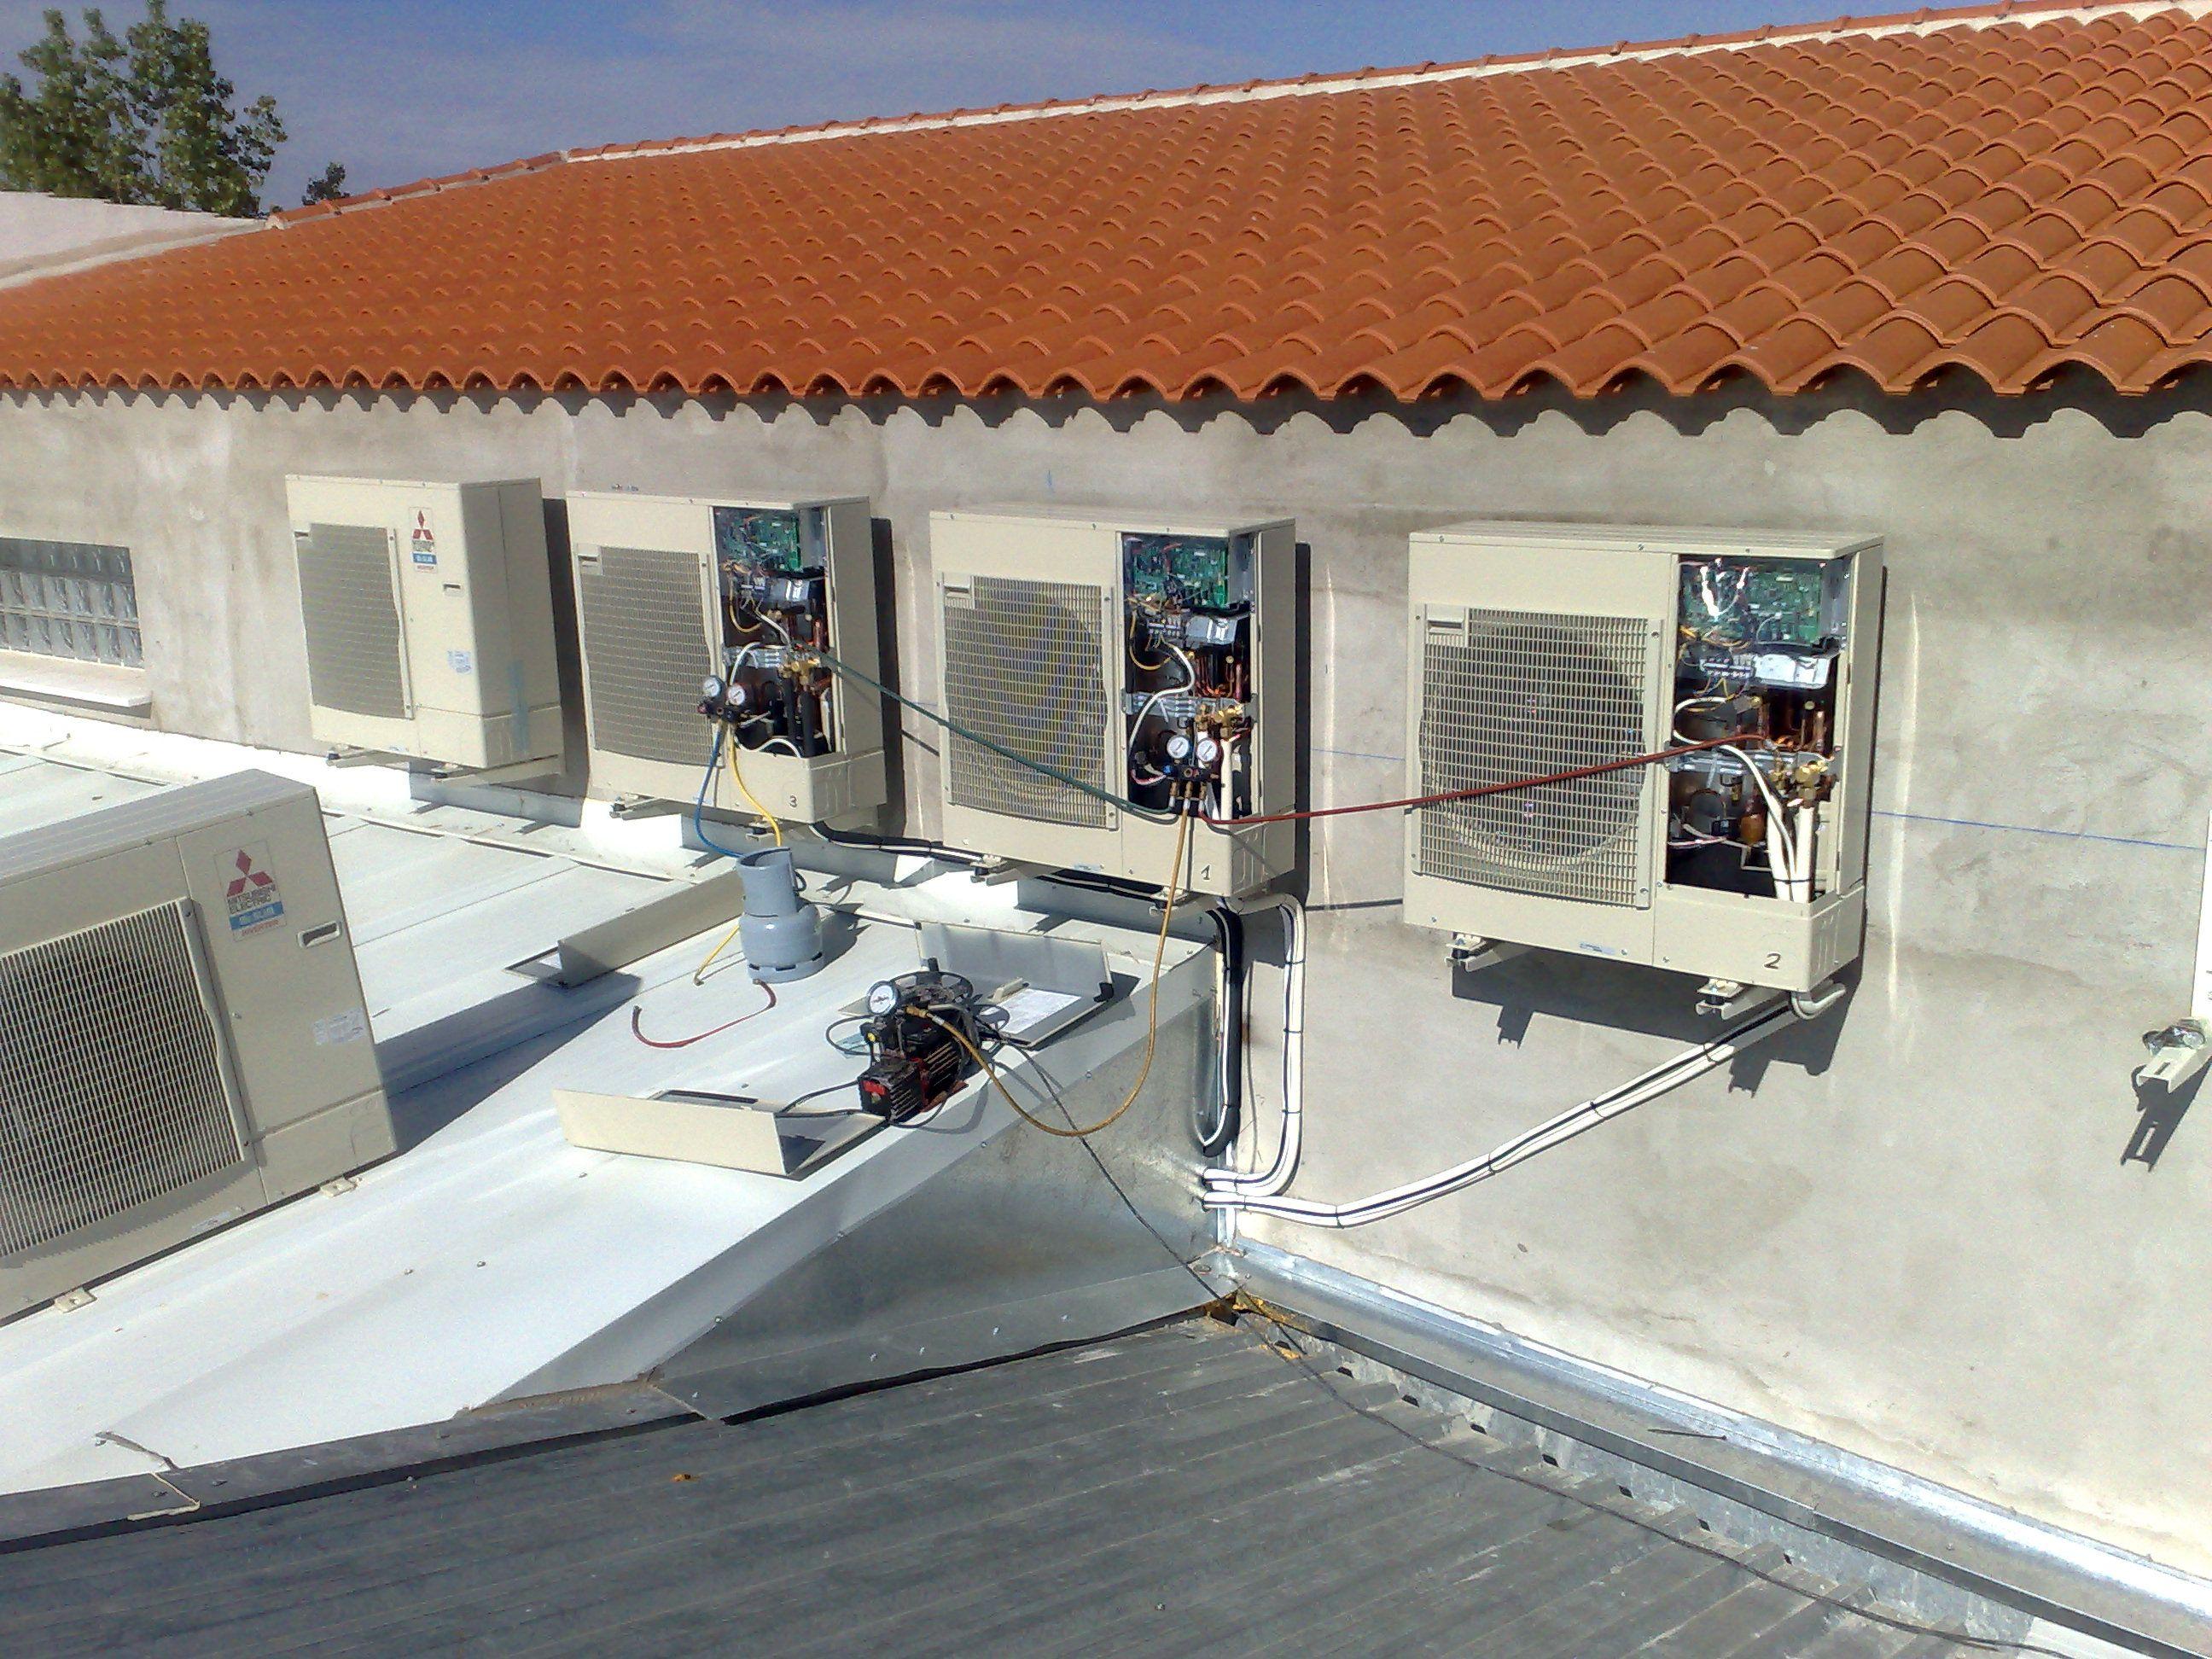 Foto 2 de Instalación, reparación y mantenimiento de aire acondicionado en Quintanar de la Orden | Servi- Electro Quintanar